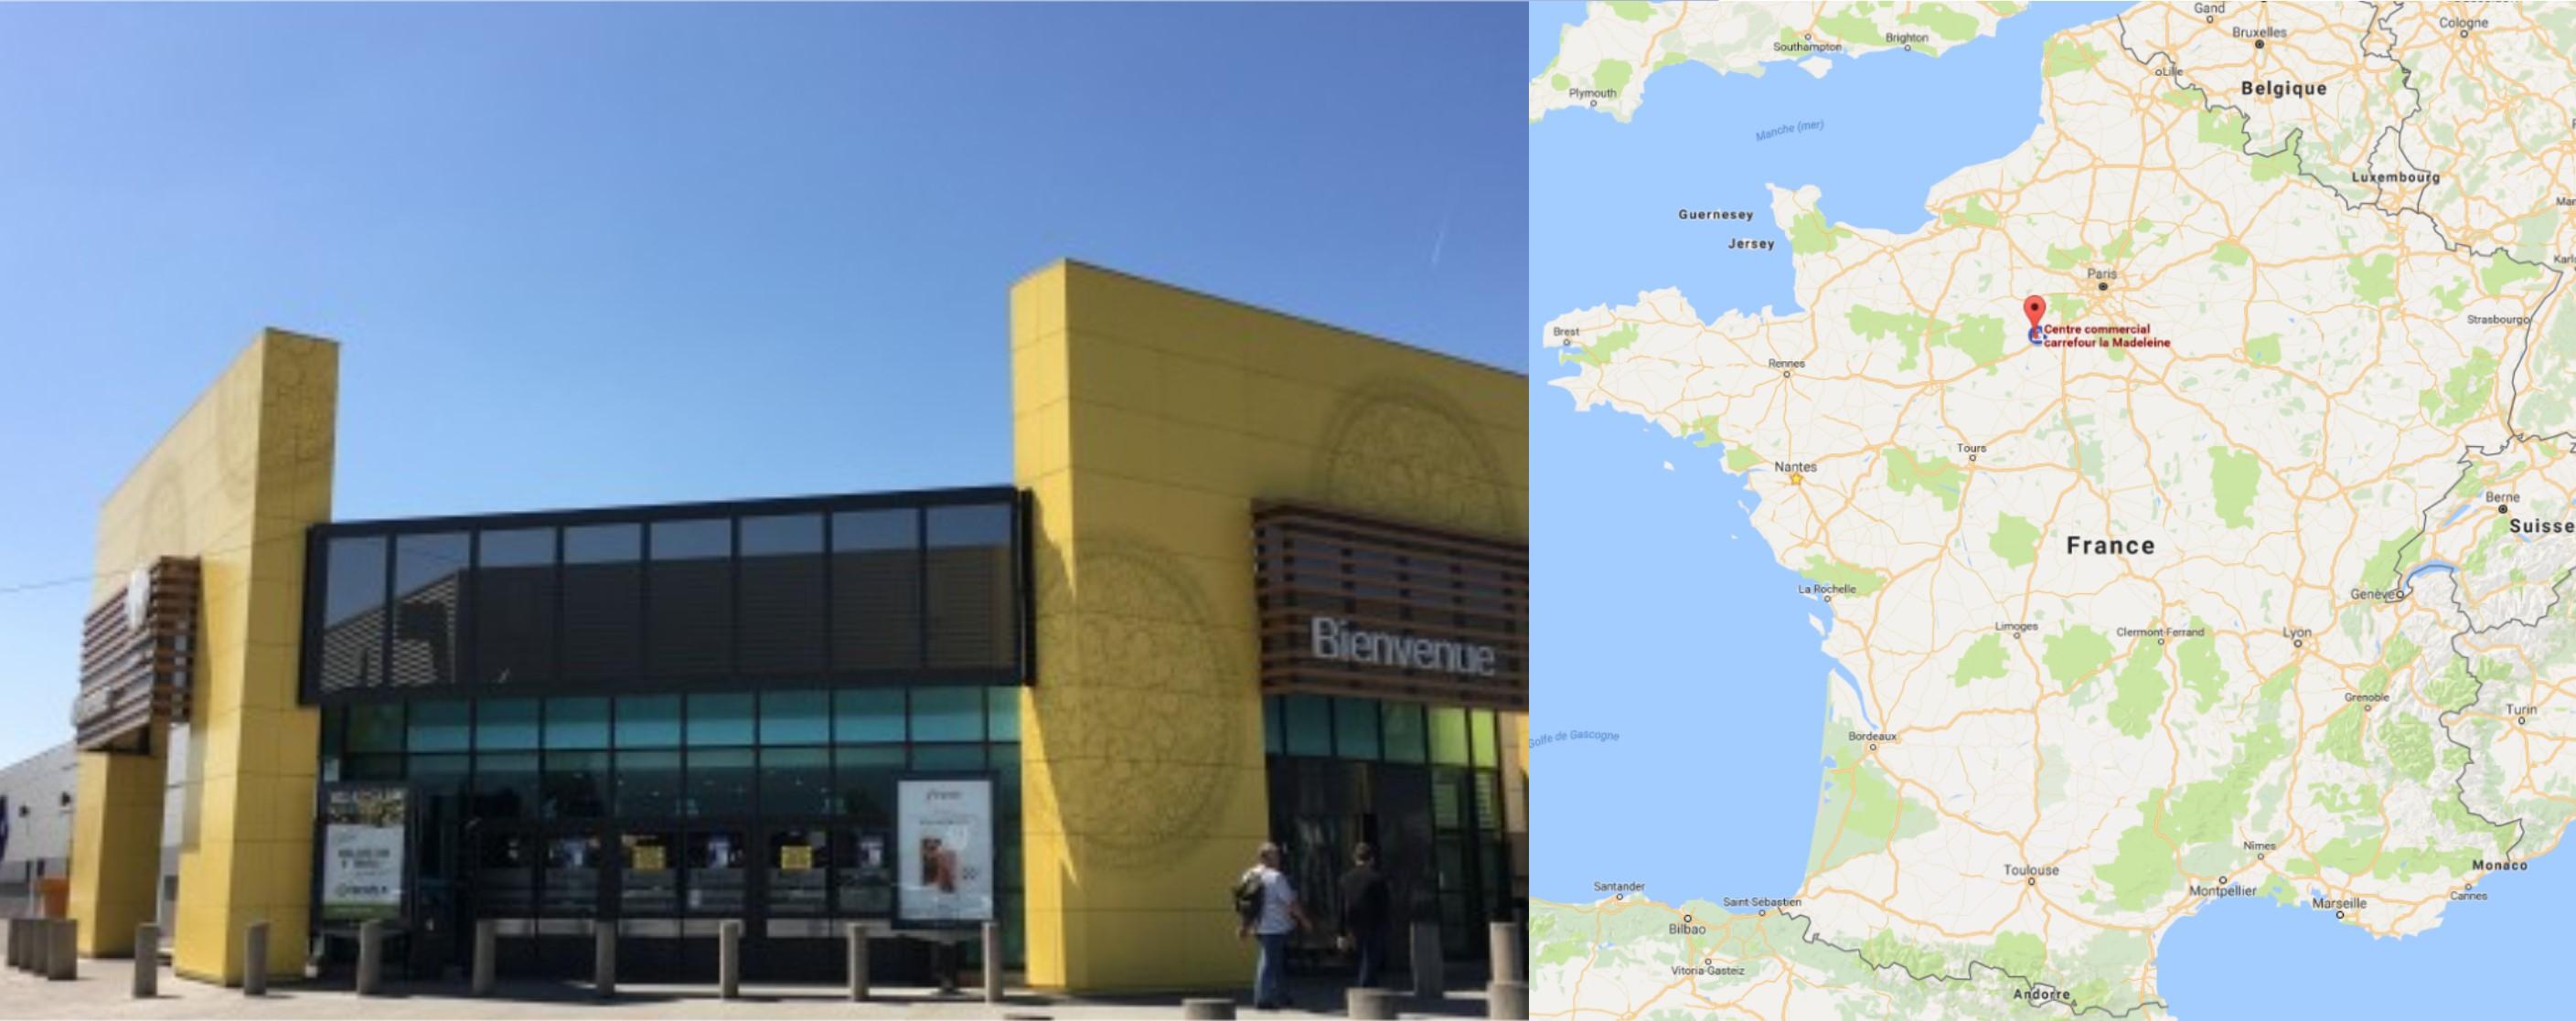 Centre commercial Carrefour La Madeleine